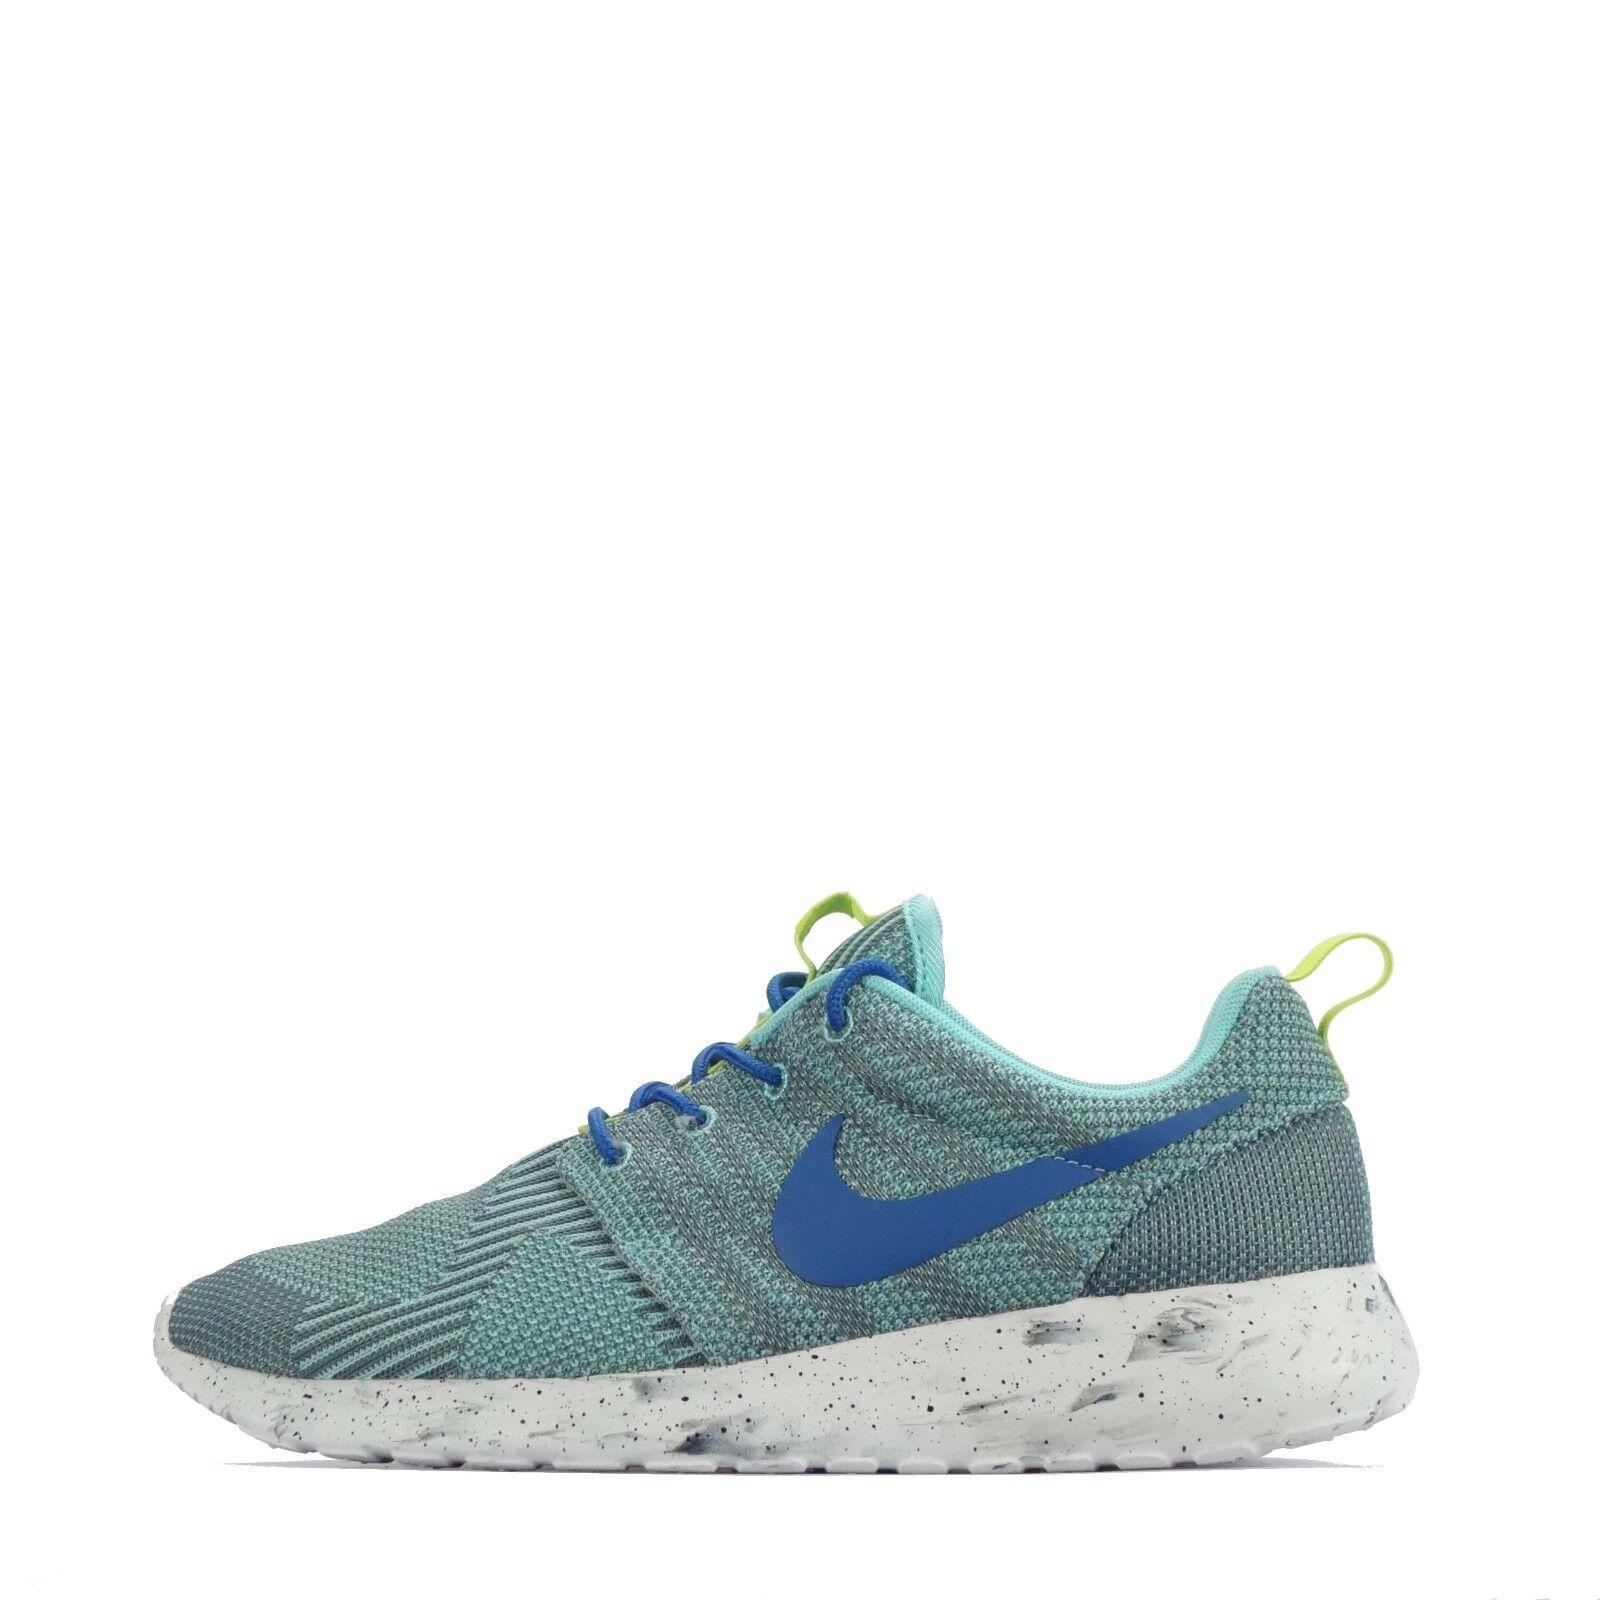 Nike verde ID ROSHERUN Mujer Zapatillas casuales en verde Nike / Azul 10c790